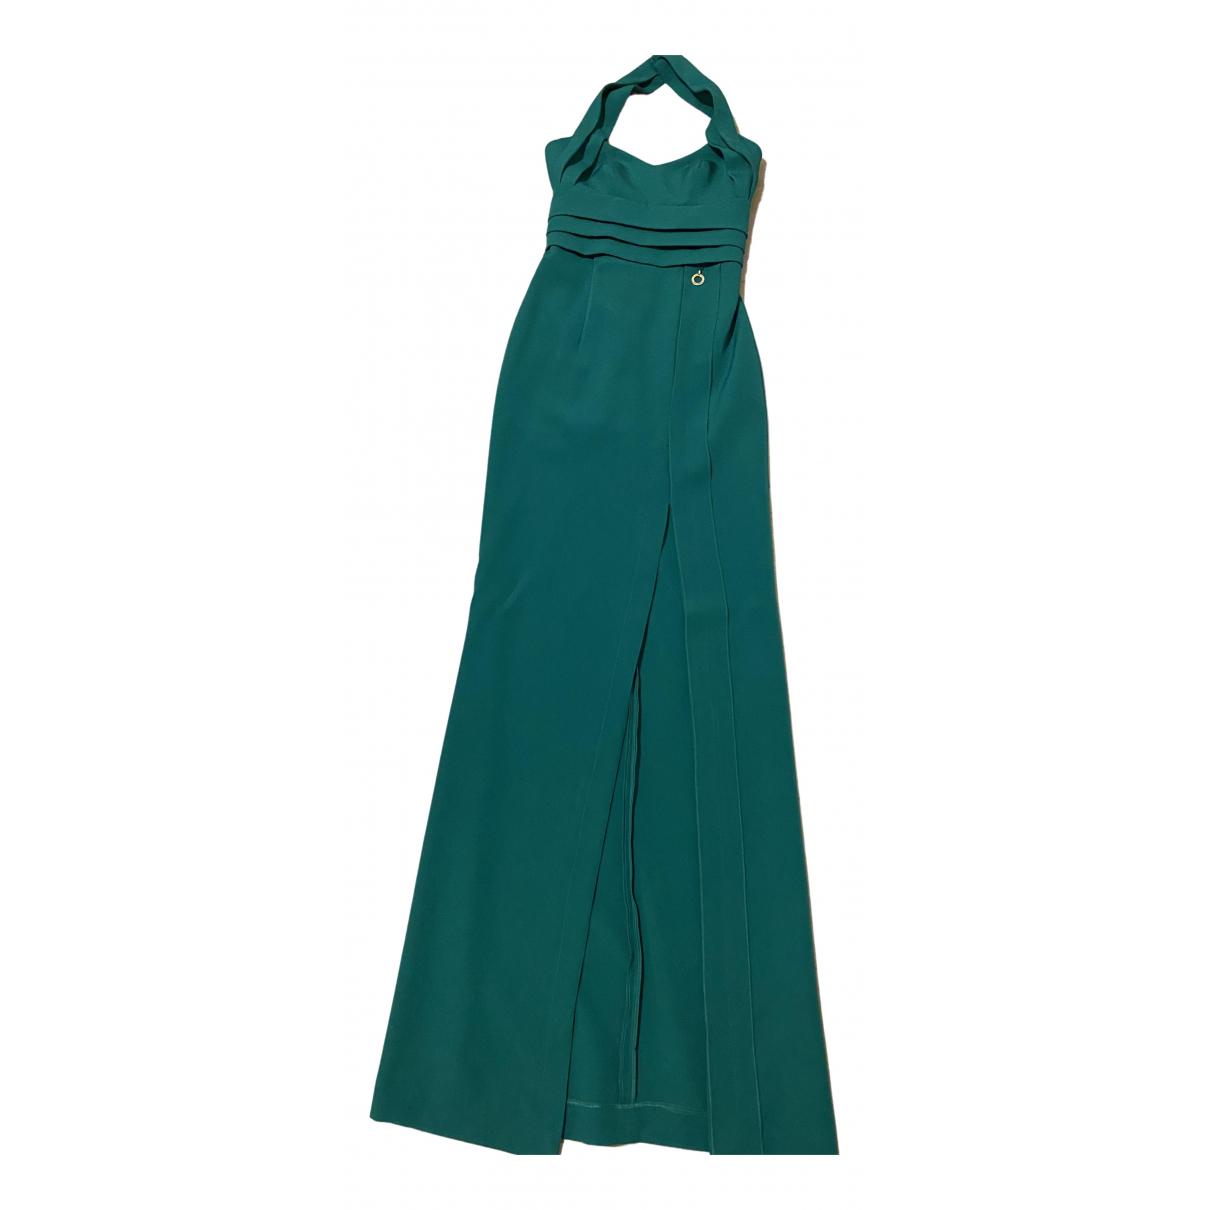 Mangano \N Kleid in  Gruen Baumwolle - Elasthan